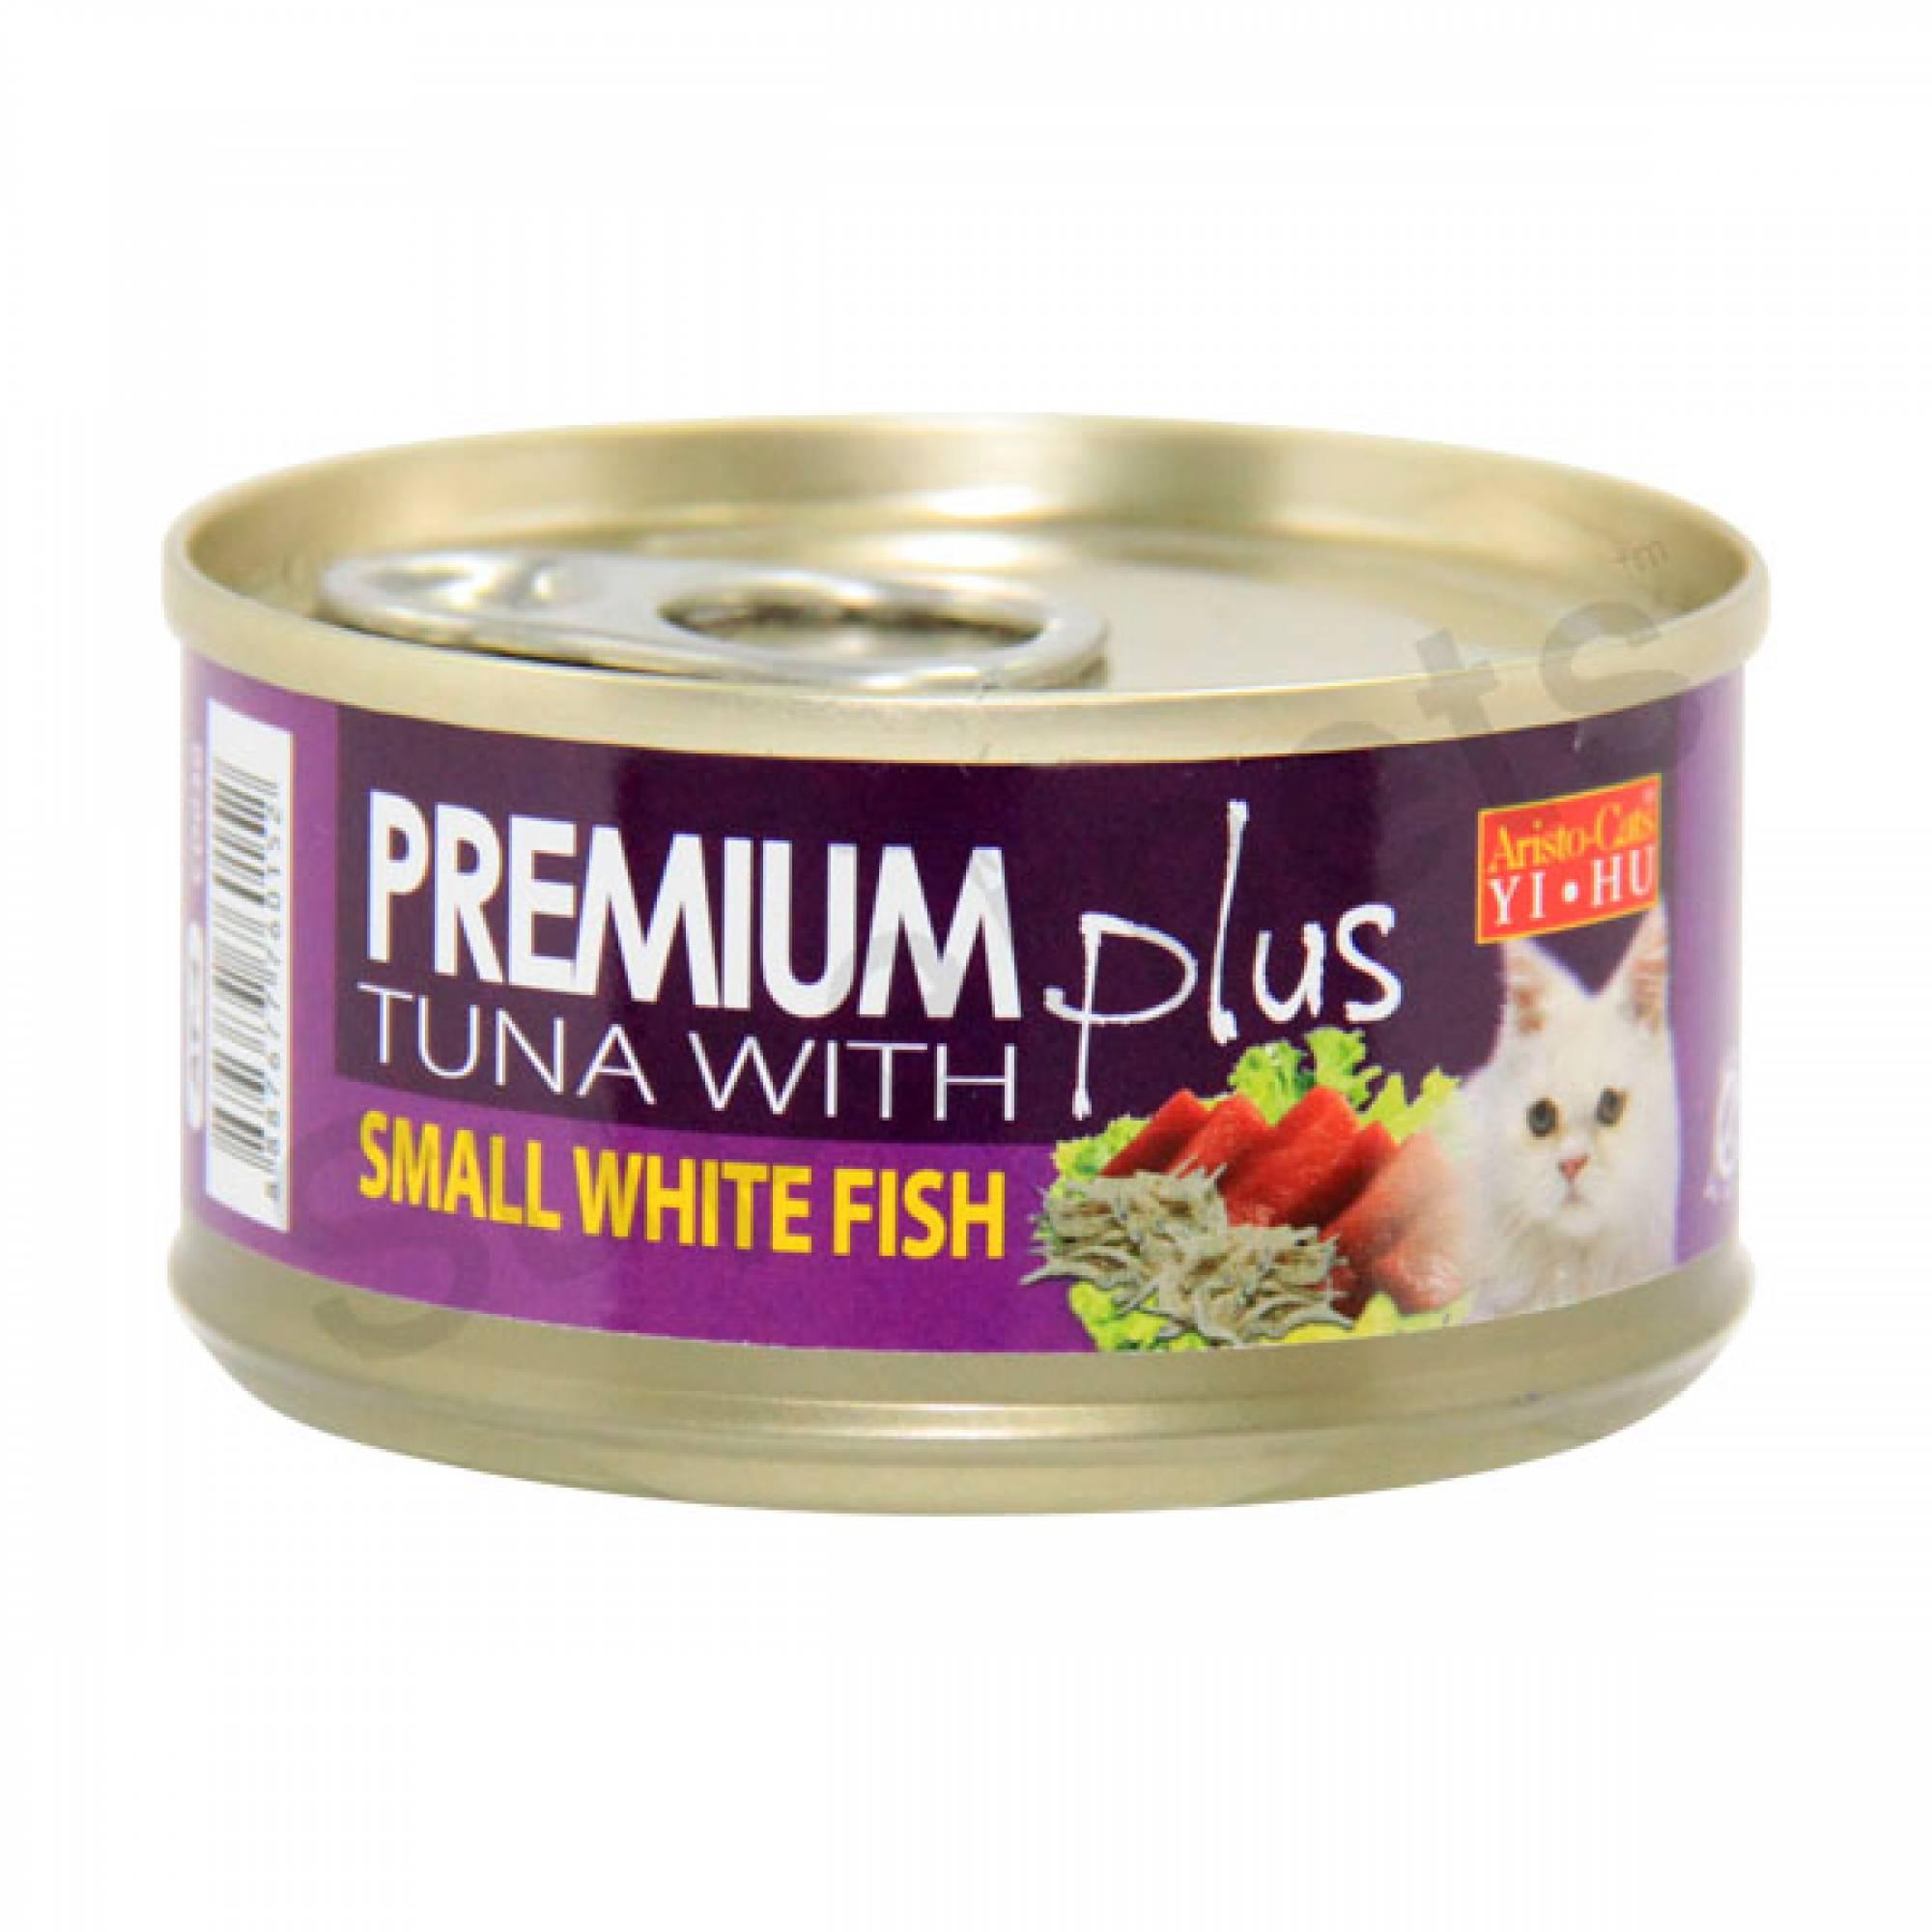 Aristo-Cats - Premium Plus - Tuna with Small White Fish 80g x 24pcs (1 carton)